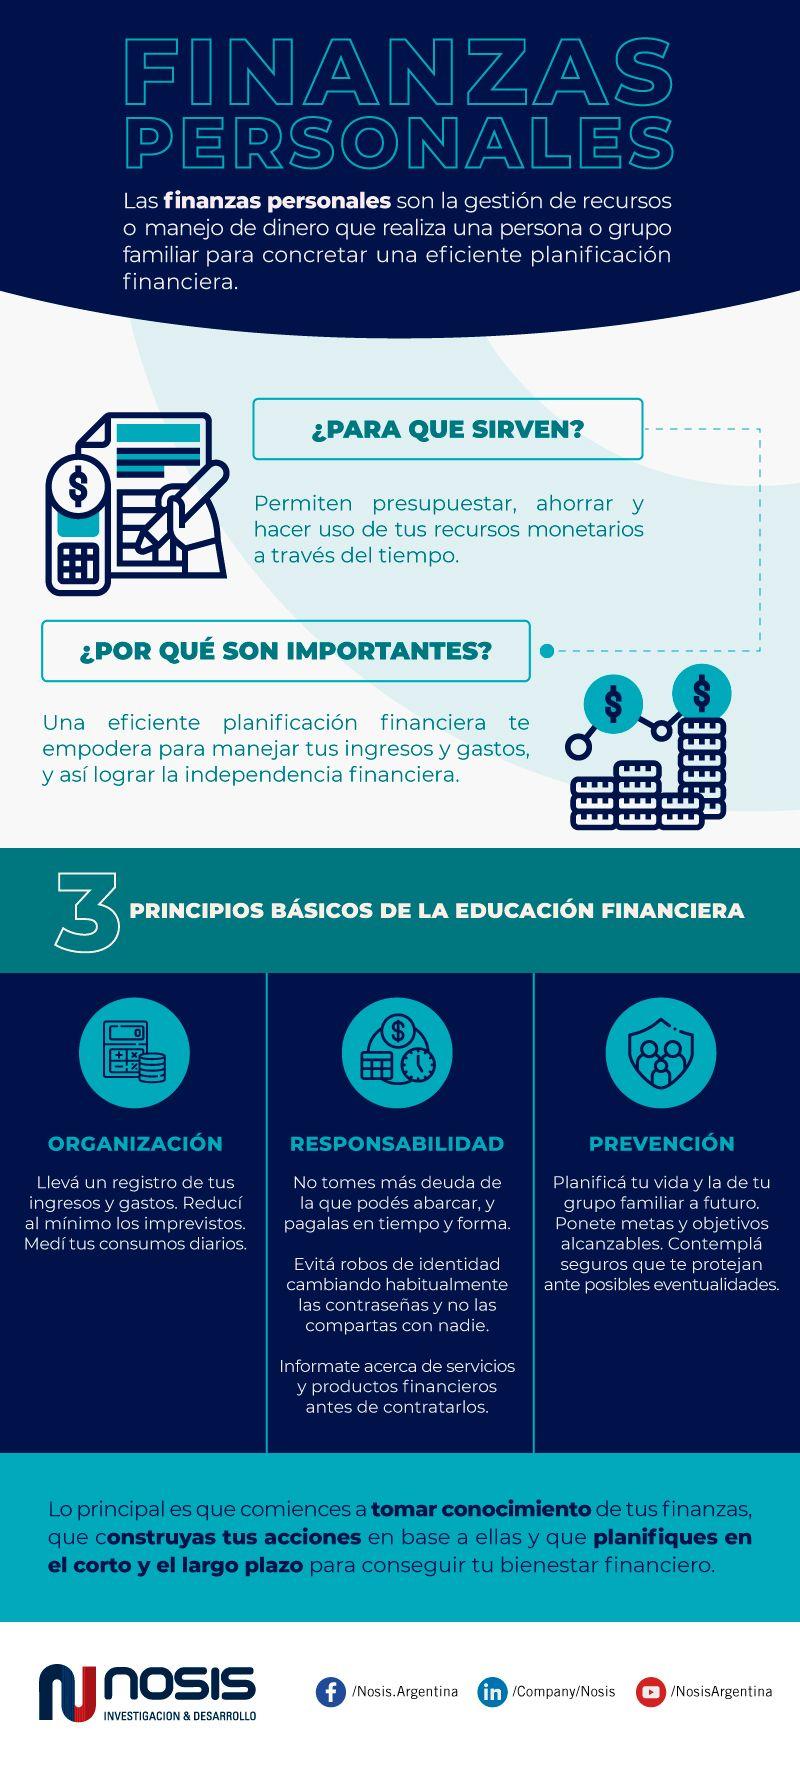 Infografía Educación financiera y finanzas personales.